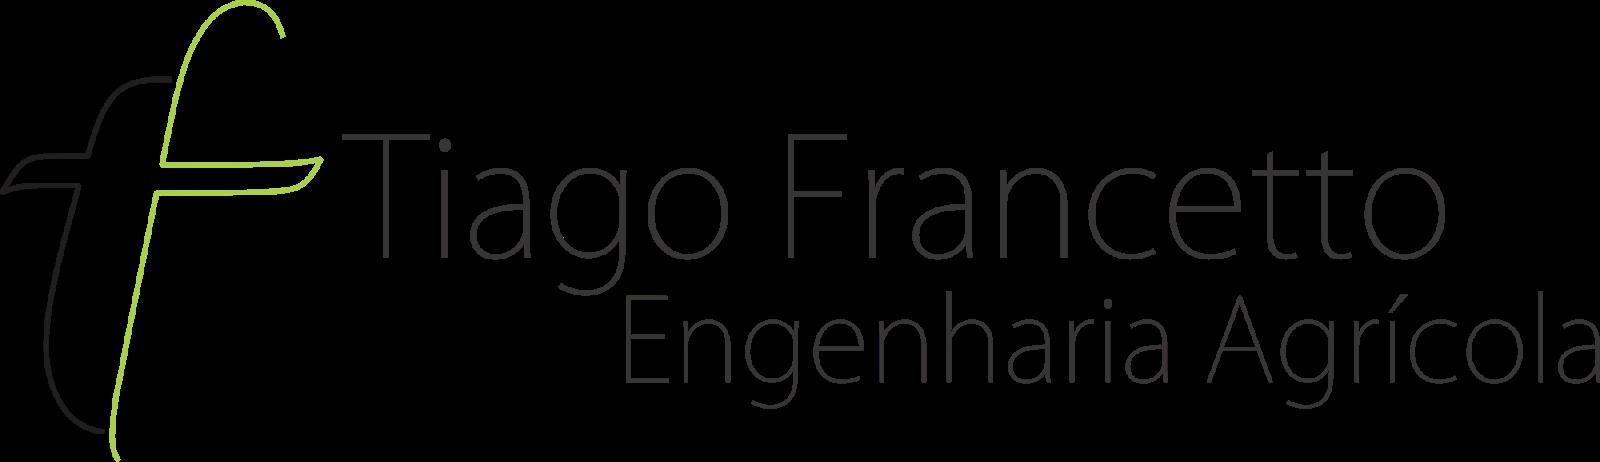 Tiago Francetto - Engenharia Agrícola